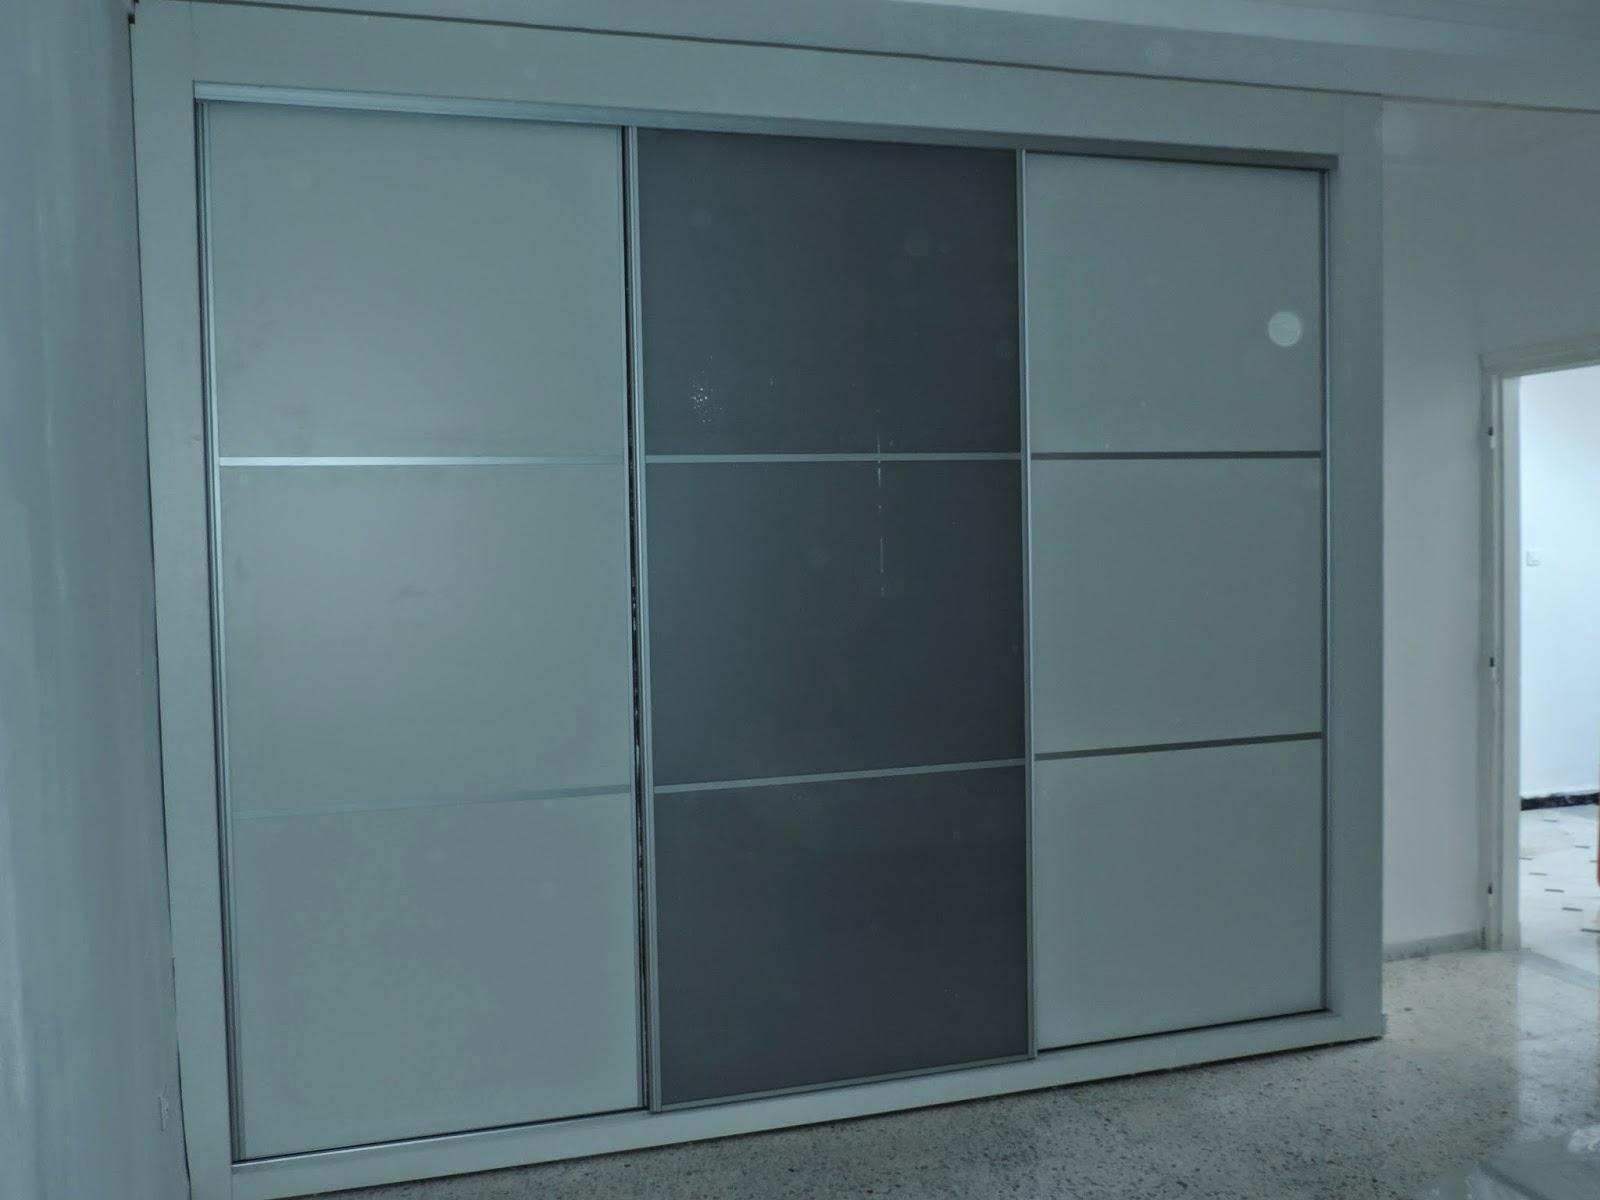 #347397 Placards Et Dressings Sur Mesure: Placard Coulissante En  1135 armoires portes coulissantes en verre 1600x1200 px @ aertt.com